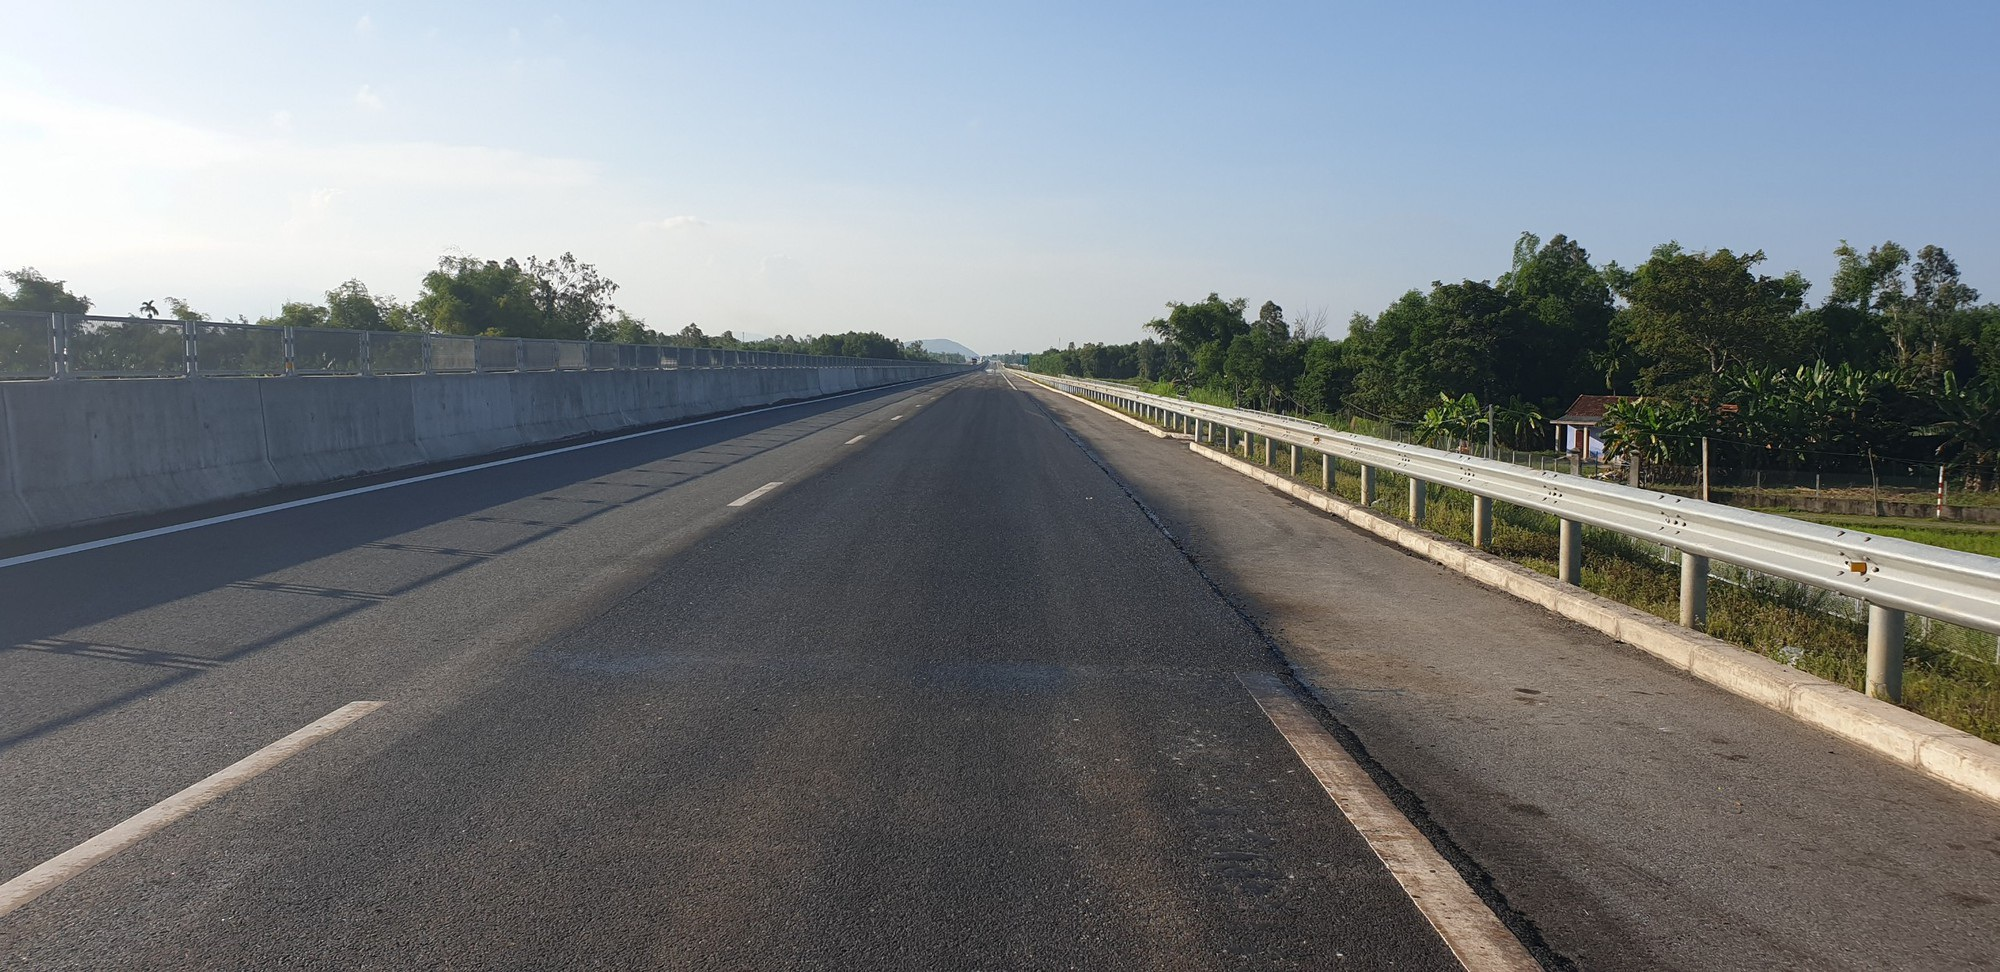 Cho phép thu phí trở lại trên cao tốc Đà Nẵng - Quảng Ngãi - Ảnh 1.